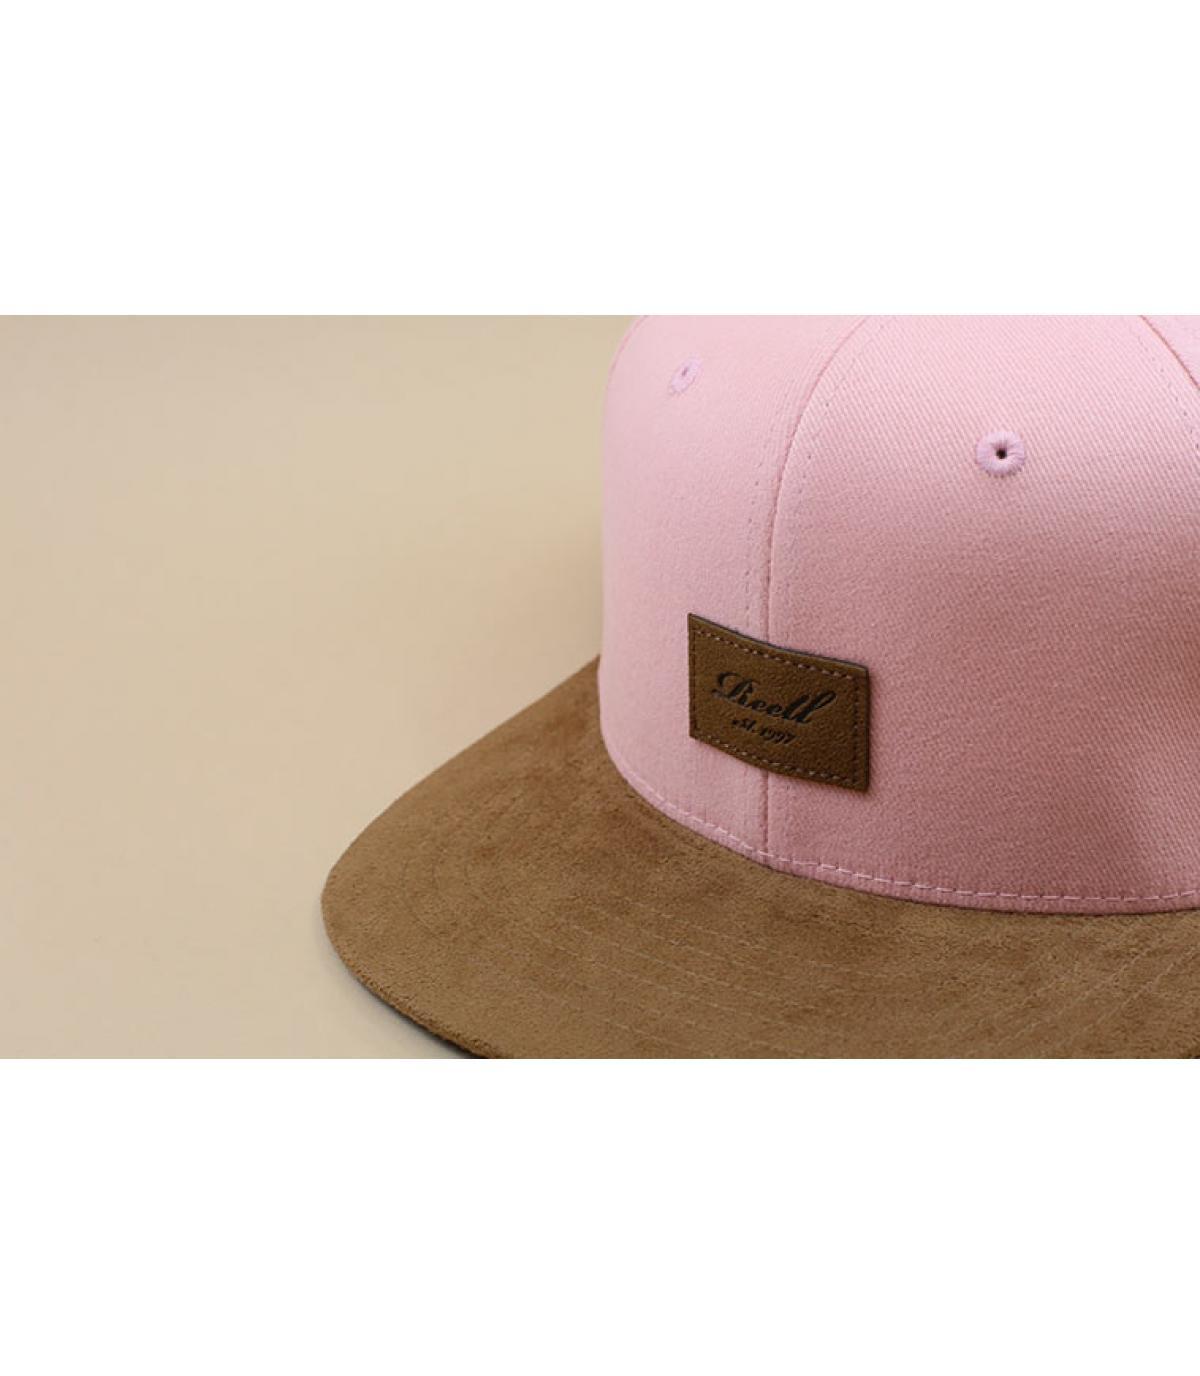 Détails Suede Cap dusty pink - image 3